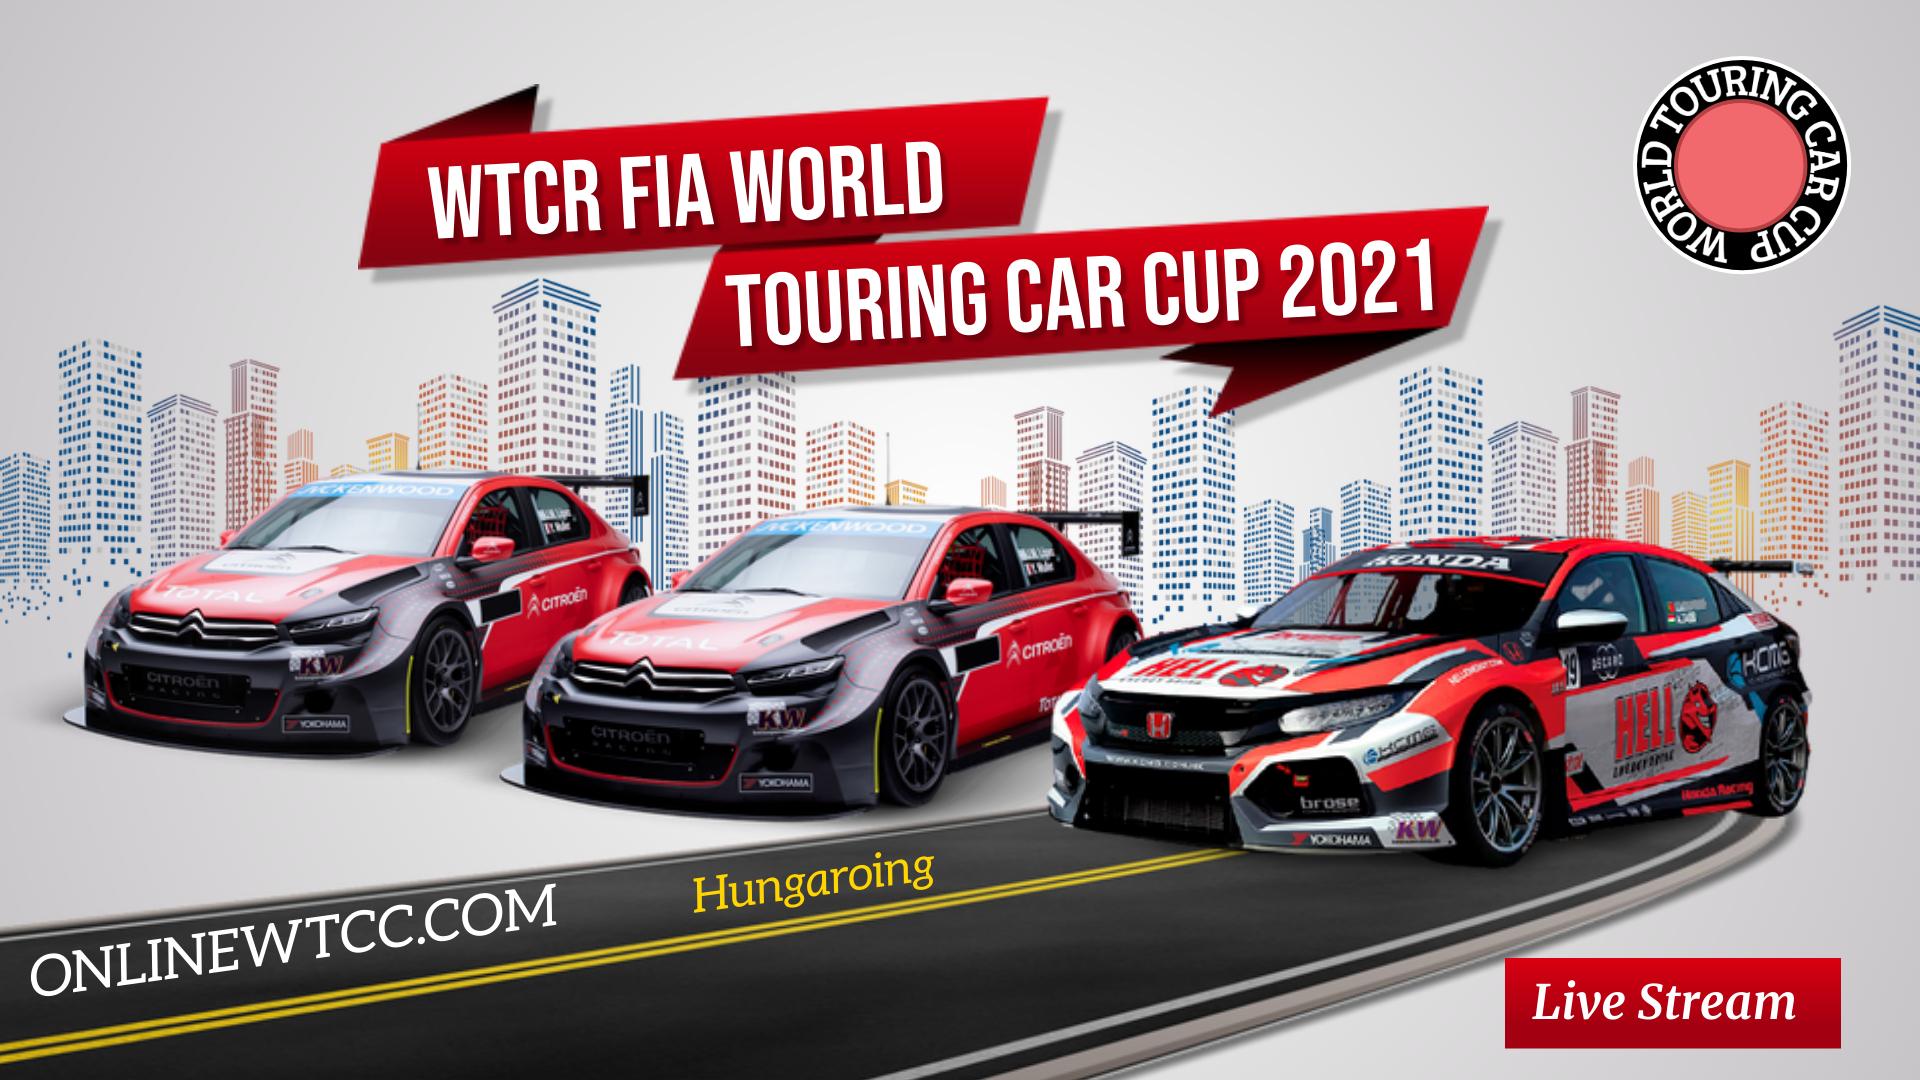 Hungary WTCR 2021 Live Stream | Round 10